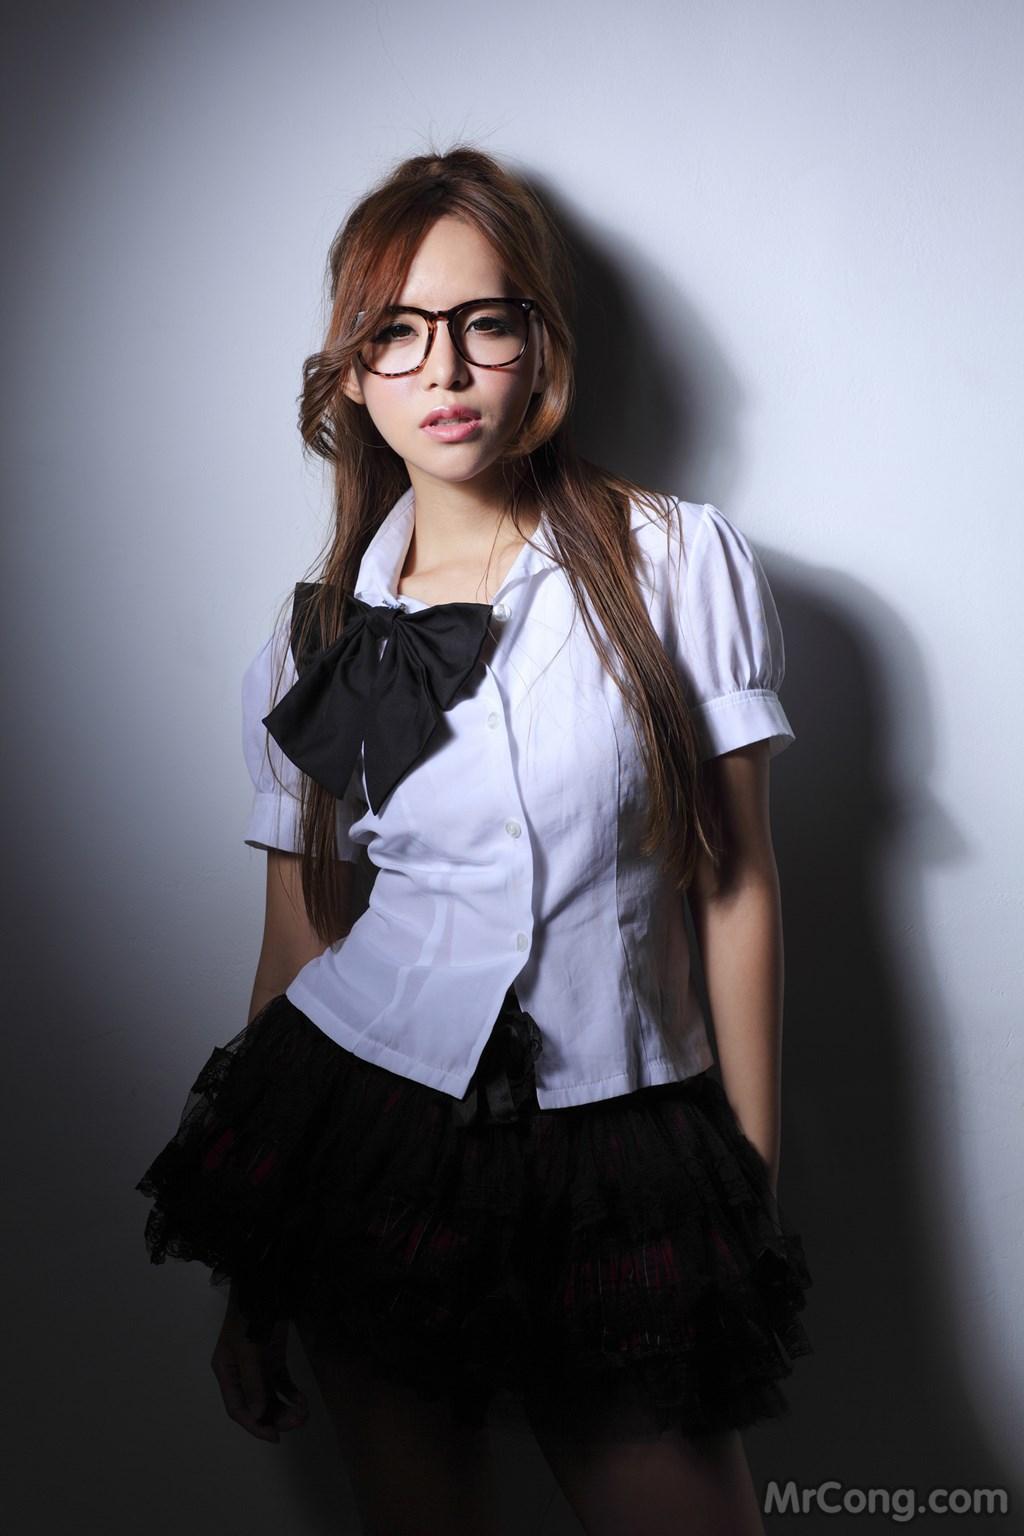 Image Girl-xinh-Dai-Loan-by-Joseph-Huang-Phan-2-MrCong.com-0037 in post Các cô gái Đài Loan qua góc chụp của Joseph Huang (黃阿文) - Phần 2 (1469 ảnh)